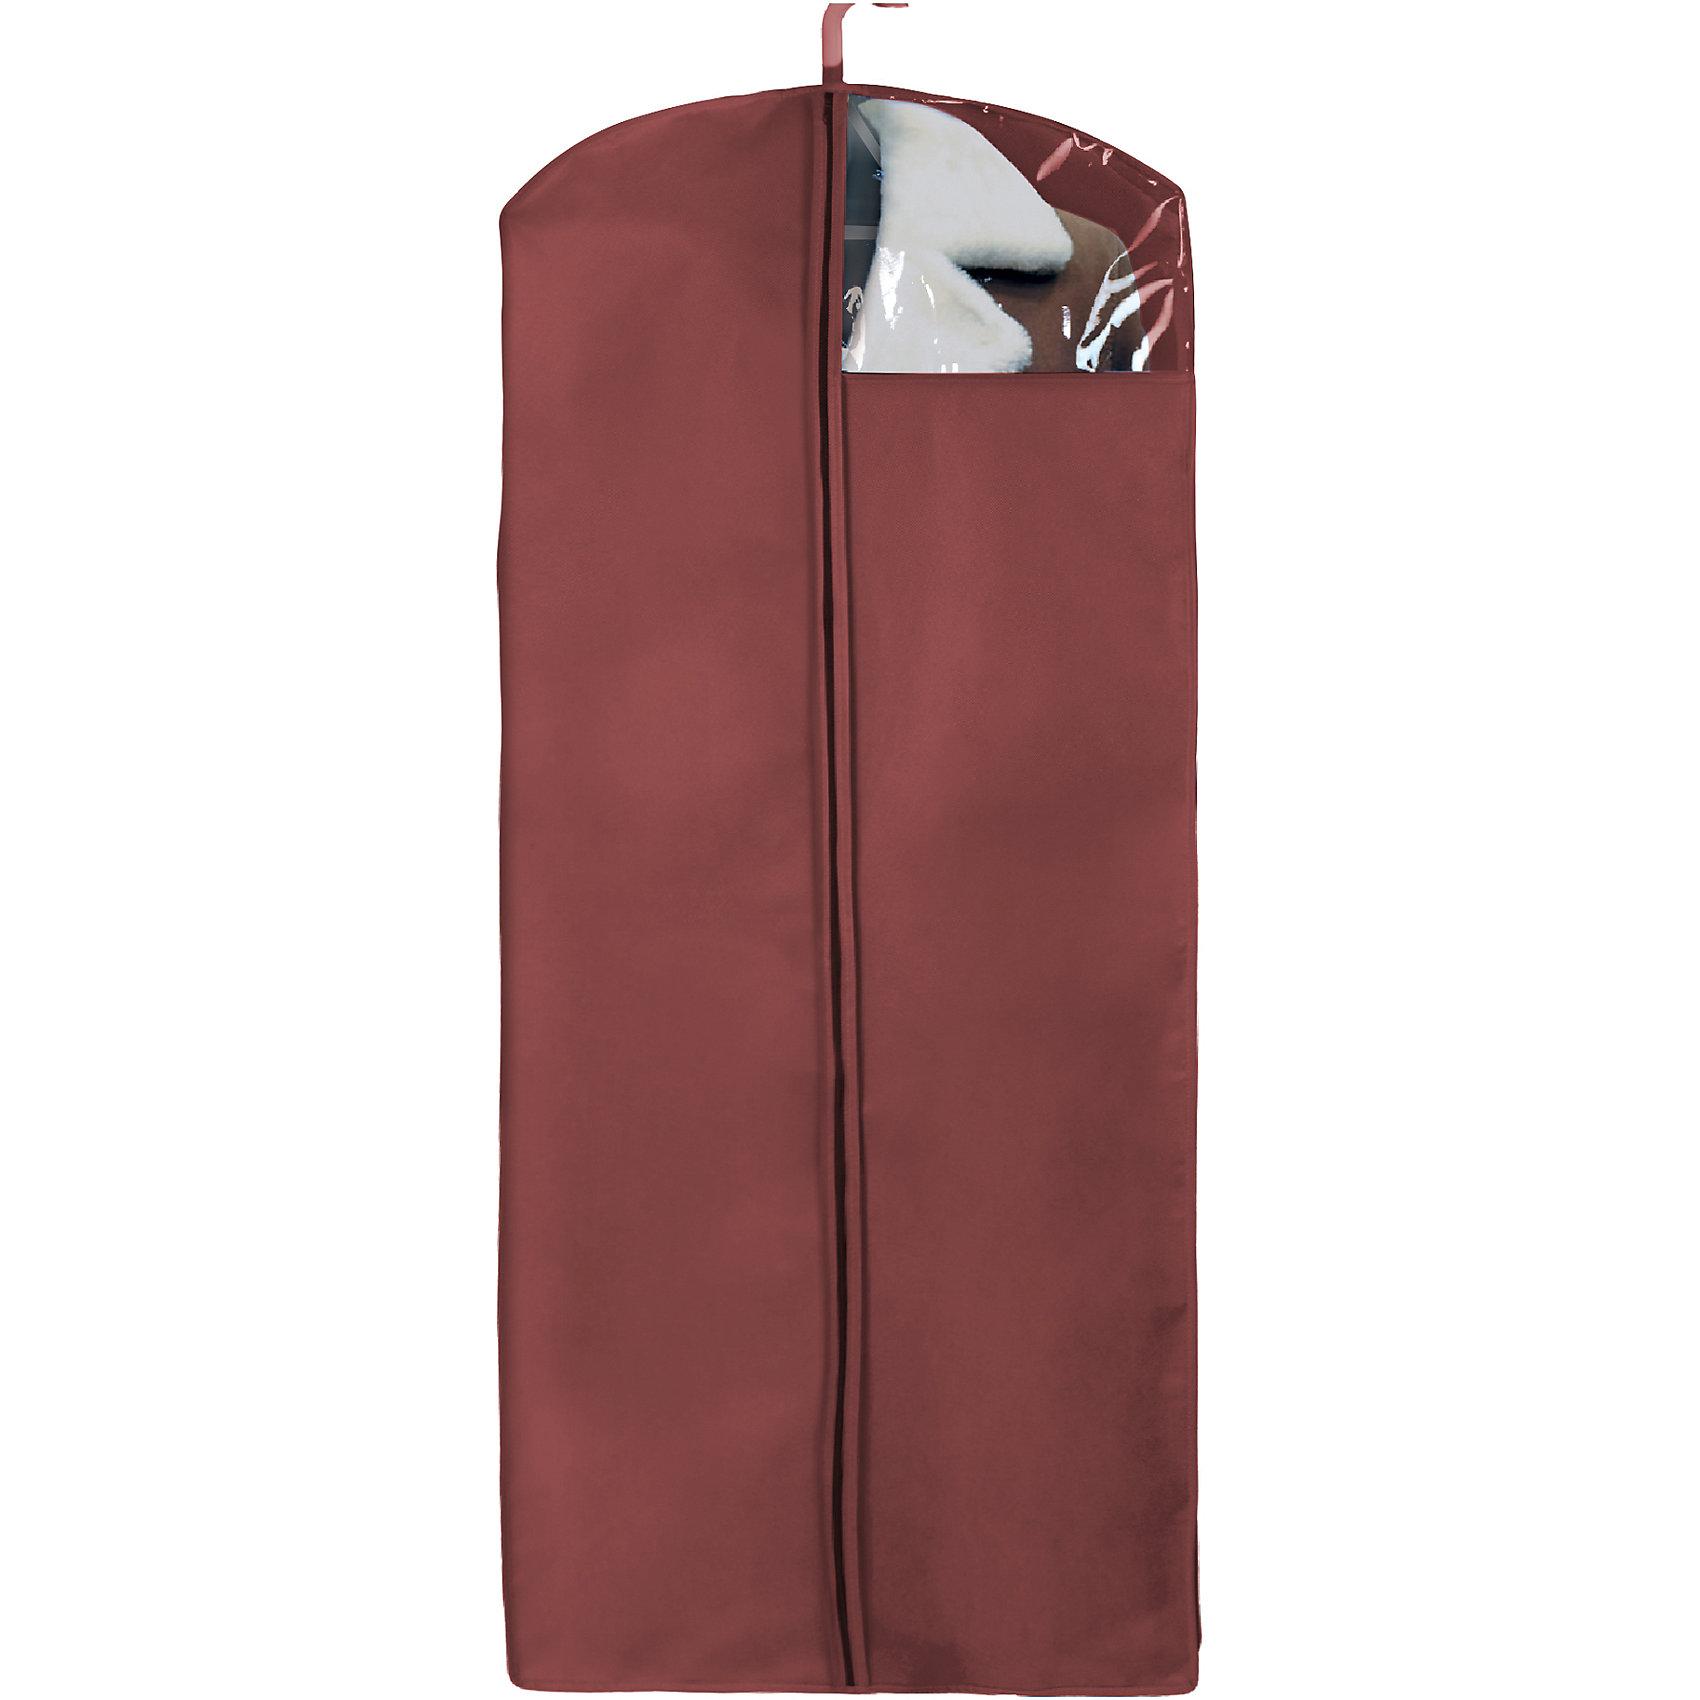 Чехол для пальто, дубленок и шуб  140*60*12 см., Рыжий КотРазмер: 140*60*12 см.<br>Толщина чехла 12 см (для хранения объемной одежды (шубы, дубленки, пуховики, пальто))<br>Материал: Спанбонд 80 г/м2<br>Цвет: бордовый<br>- Вшитое  прозрачное окошко (ПВХ)<br>- Защищает от пыли и моли.<br>- Пропускает воздух,<br>- Отталкивает влагу              <br>Упаковка: пакет с подвесом<br><br>Ширина мм: 300<br>Глубина мм: 260<br>Высота мм: 25<br>Вес г: 263<br>Возраст от месяцев: 36<br>Возраст до месяцев: 1080<br>Пол: Унисекс<br>Возраст: Детский<br>SKU: 4288580